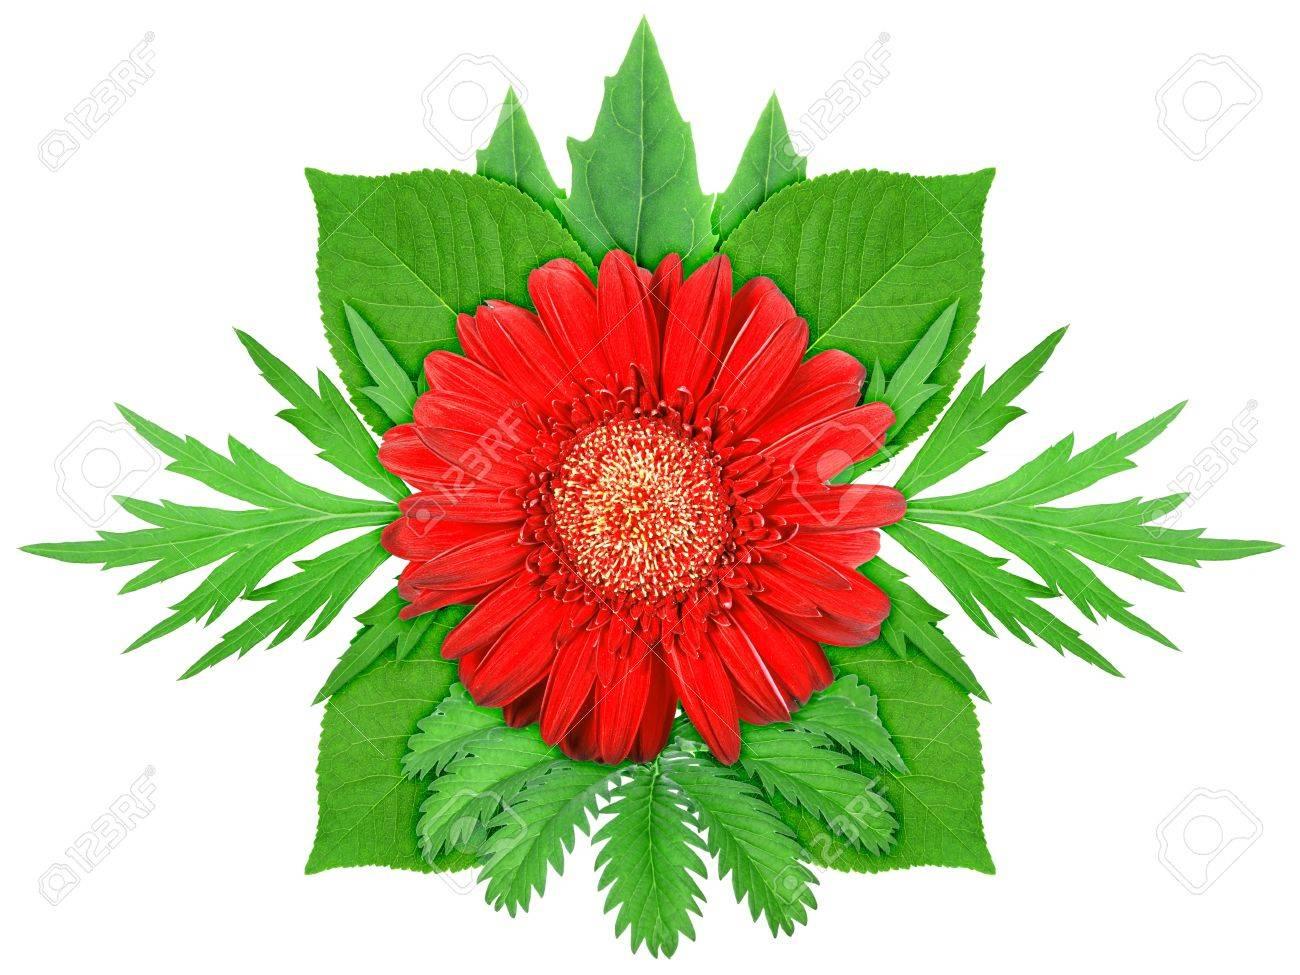 Una Flor Roja Con Hoja Verde. Naturaleza Plantilla Ornamento Para Su ...